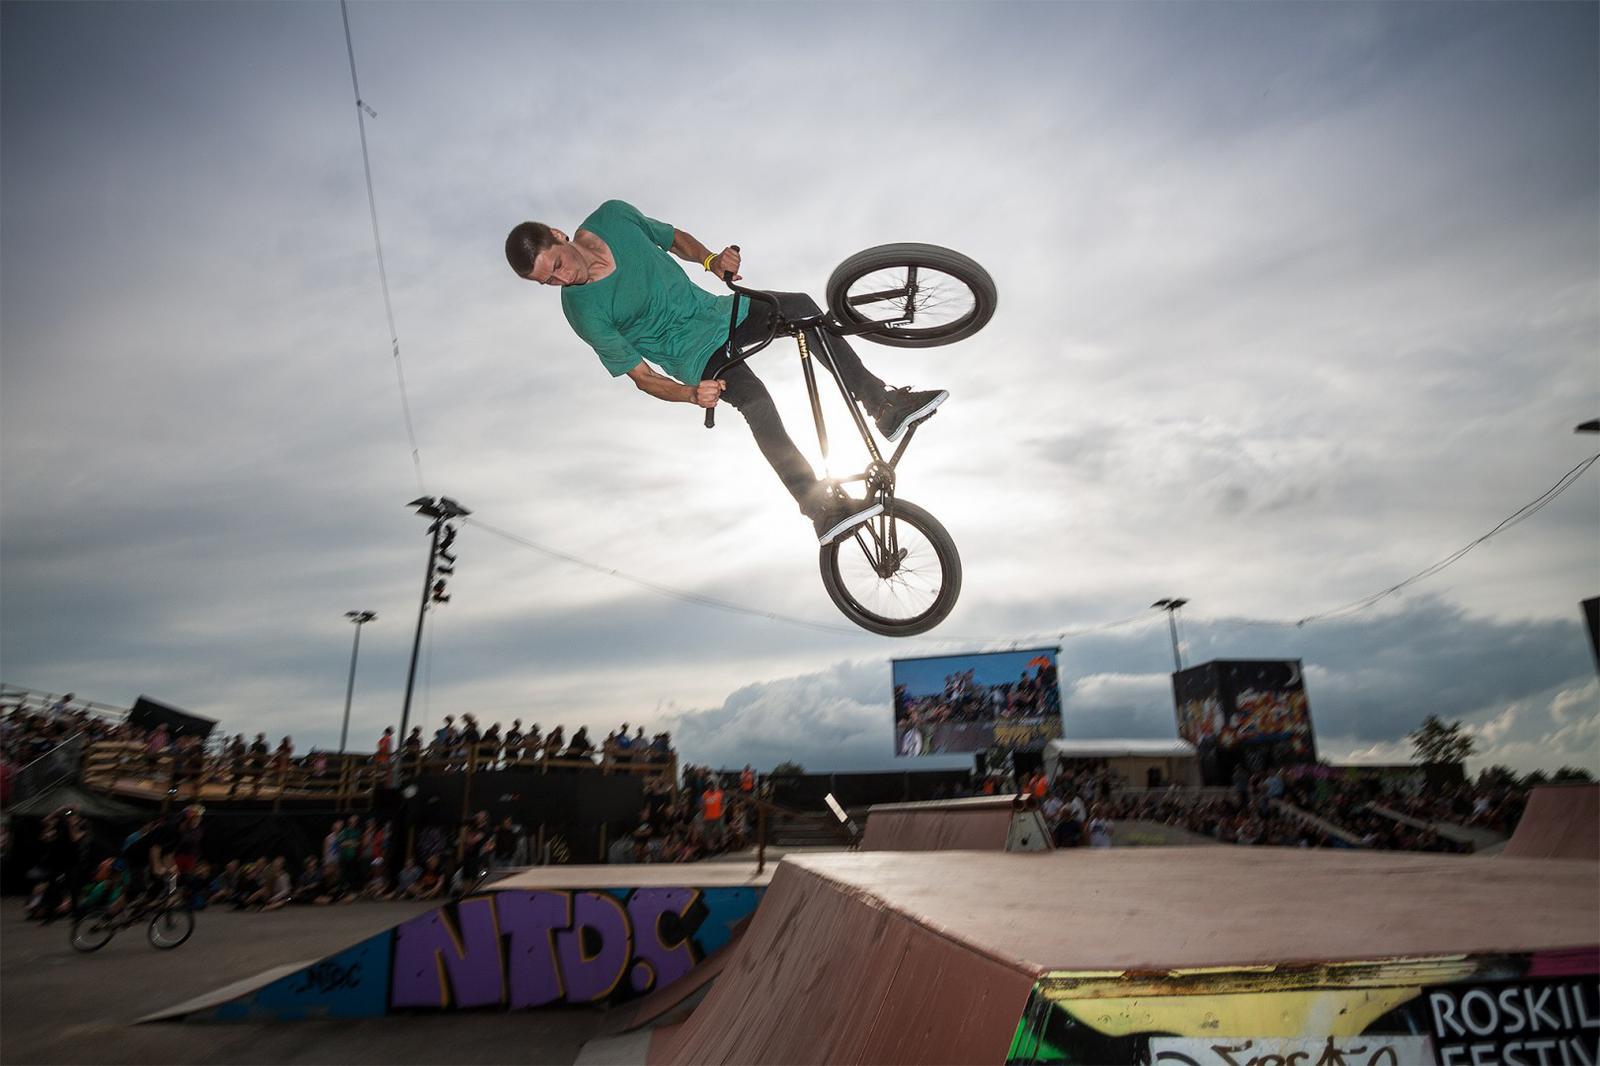 Skate competition Roskilde Festival